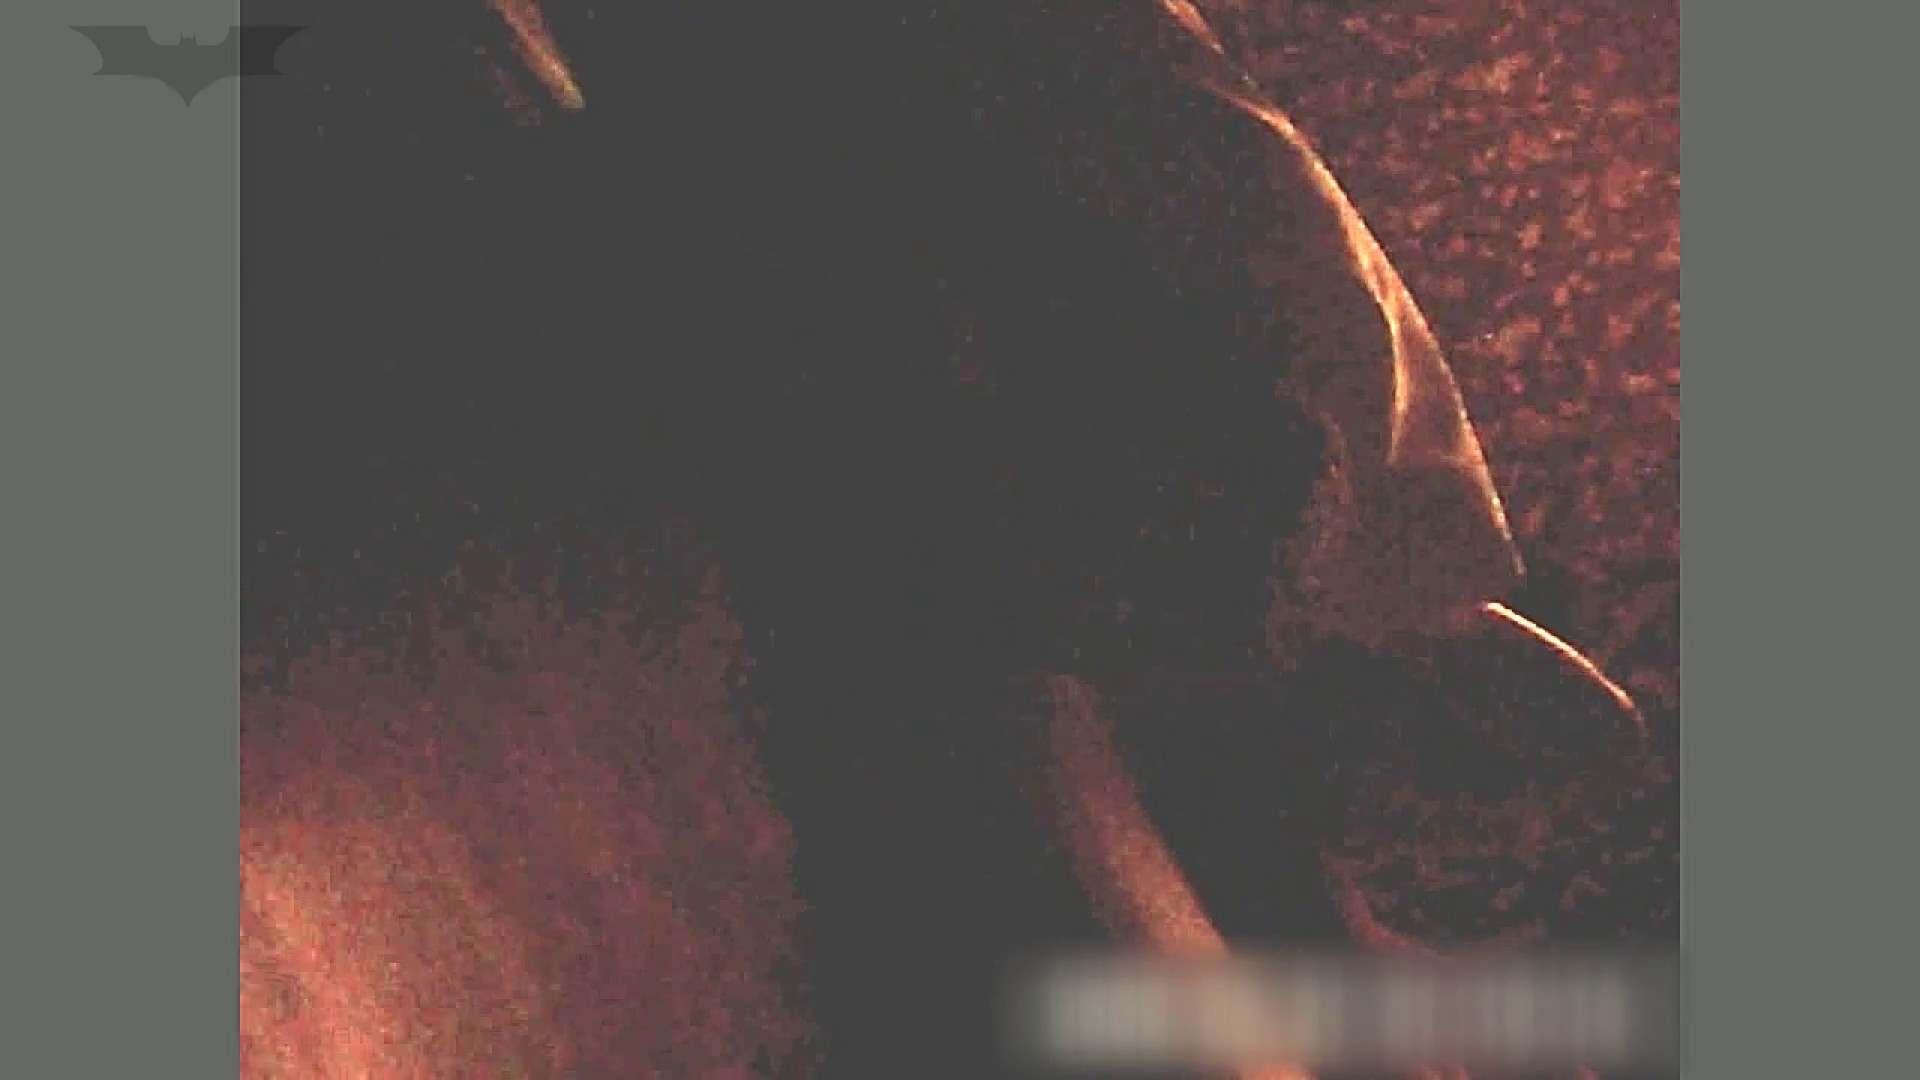 ▲2017_05位▲ 学園アイドル美人女子大生!❶4人厳選詰合せVol.49 ラブホテル  109PIX 47